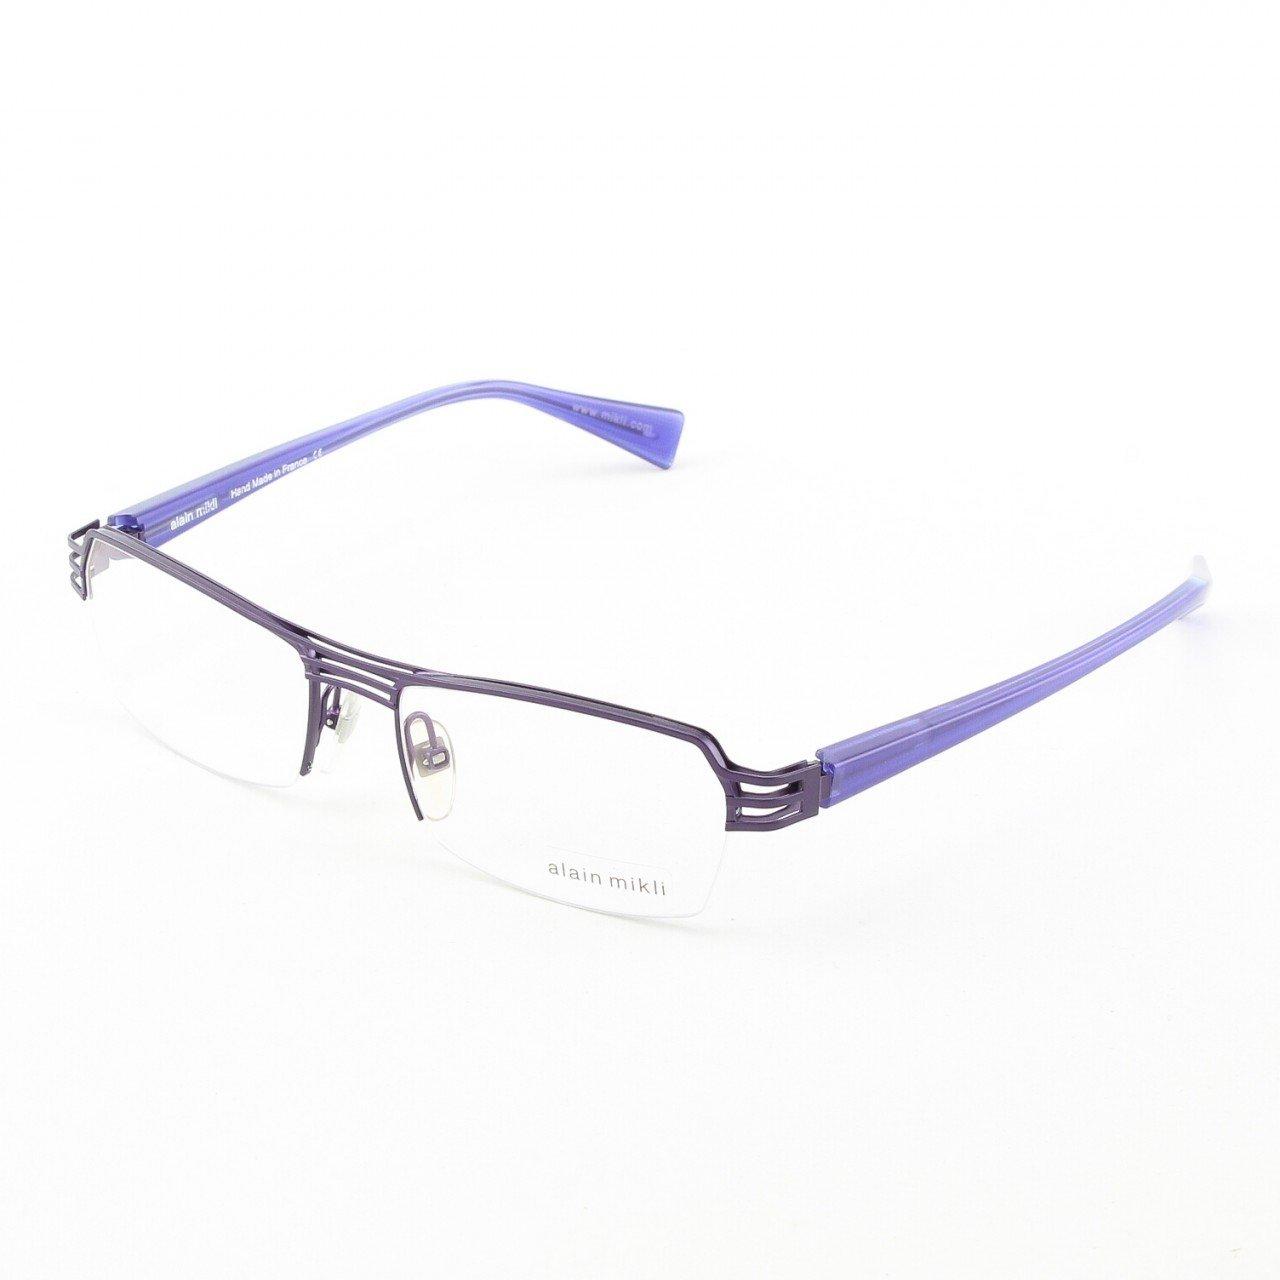 Alain Mikli Eyeglasses AL1107 Col. M00V Purple Metal with Translucent Purple Temples